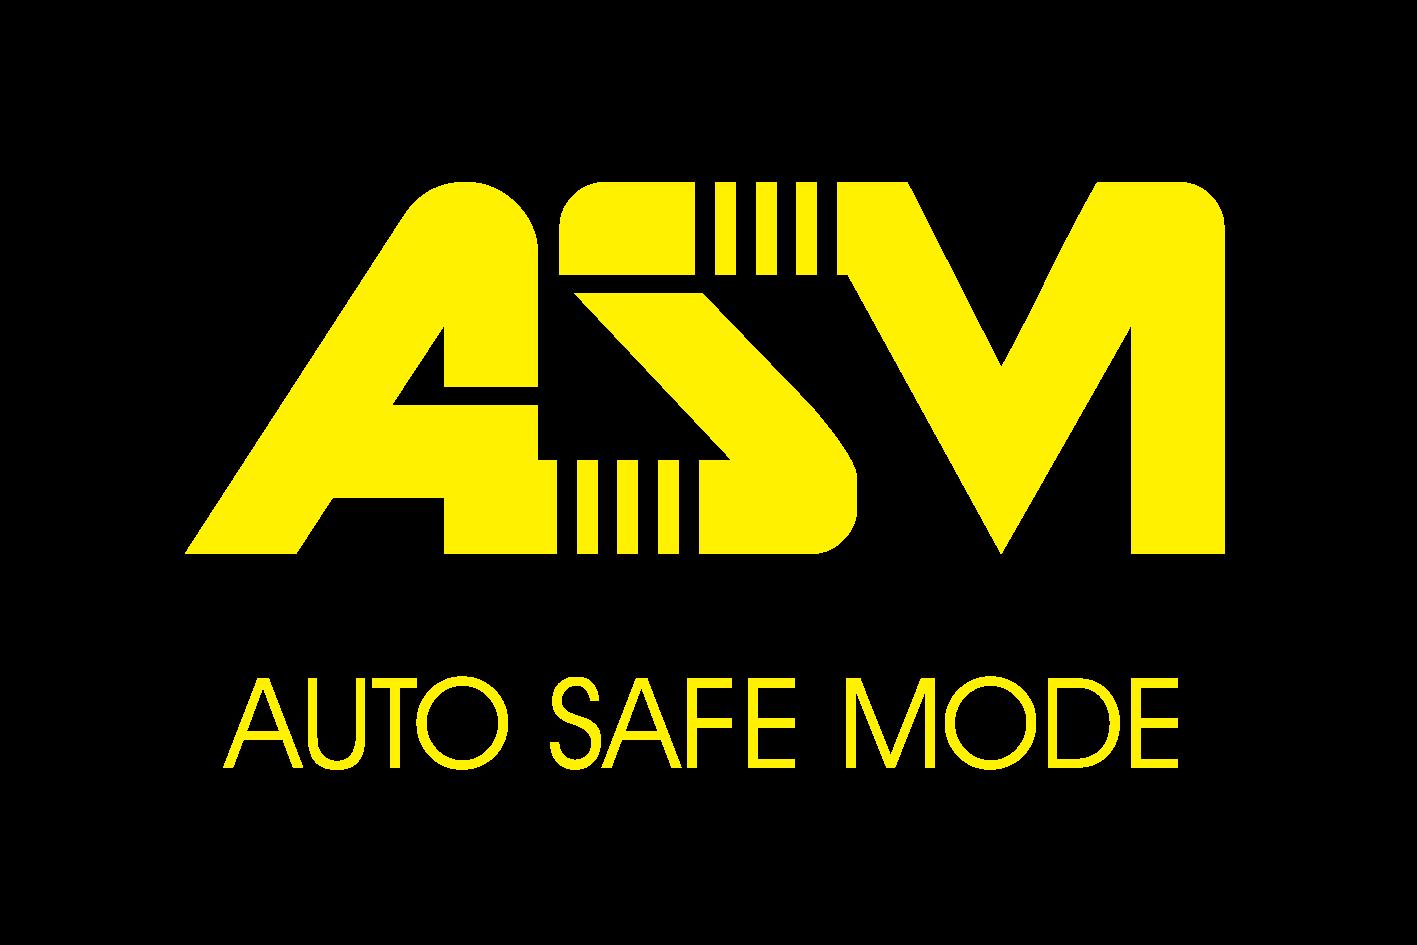 AUTO SAFE MODE